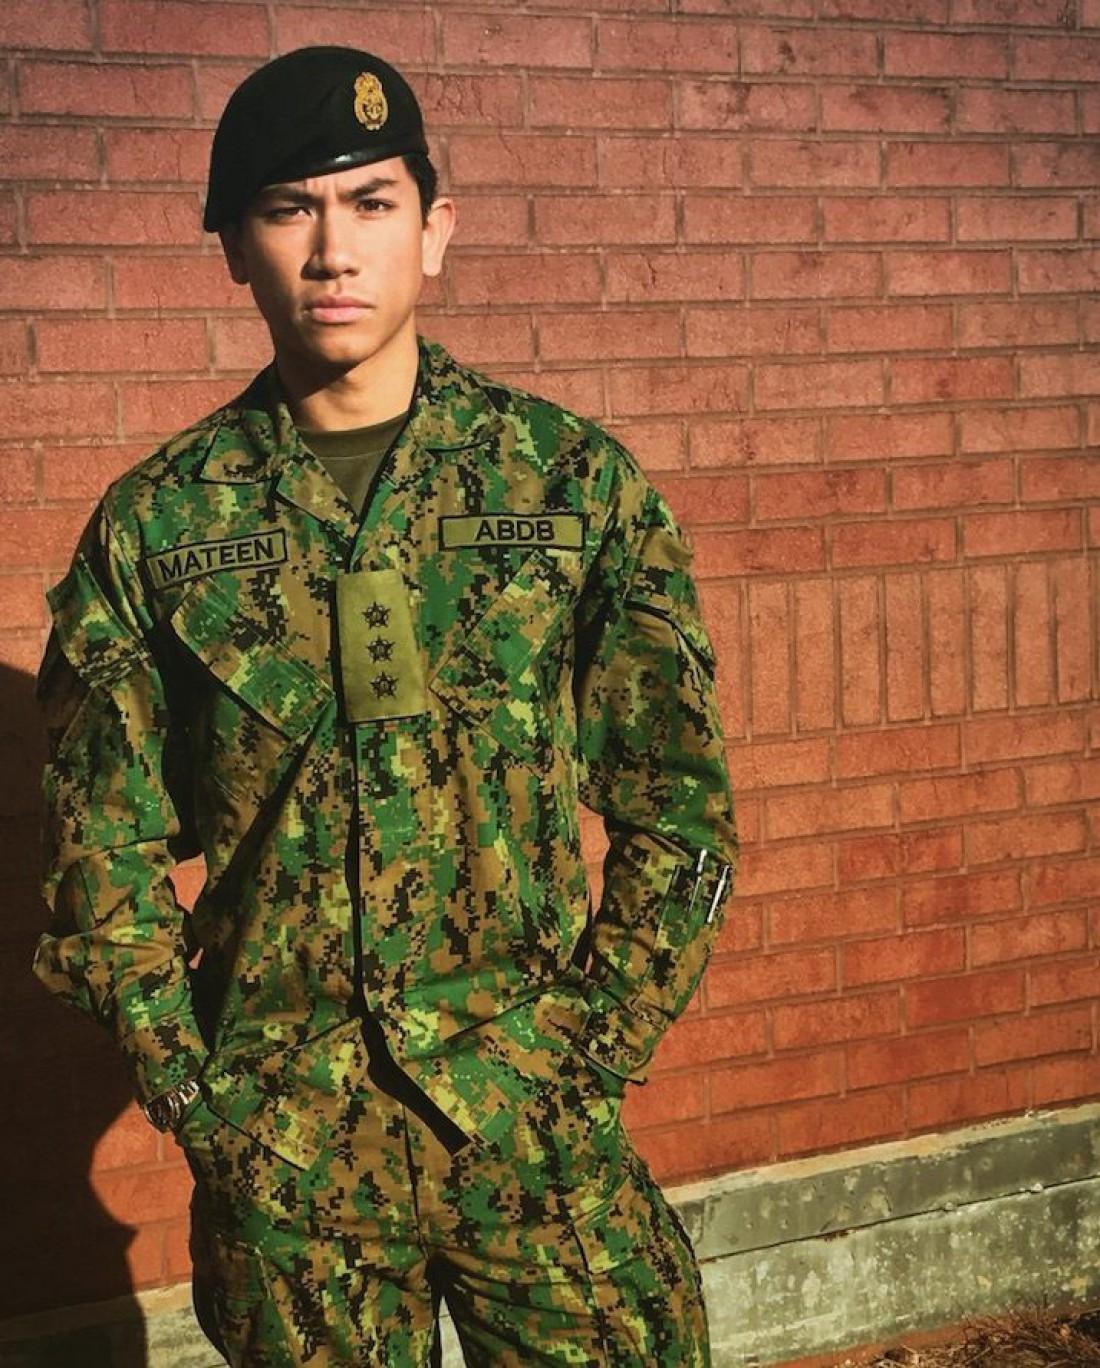 Абдул Матин окончил Королевскую военную академию в Сандхерсте